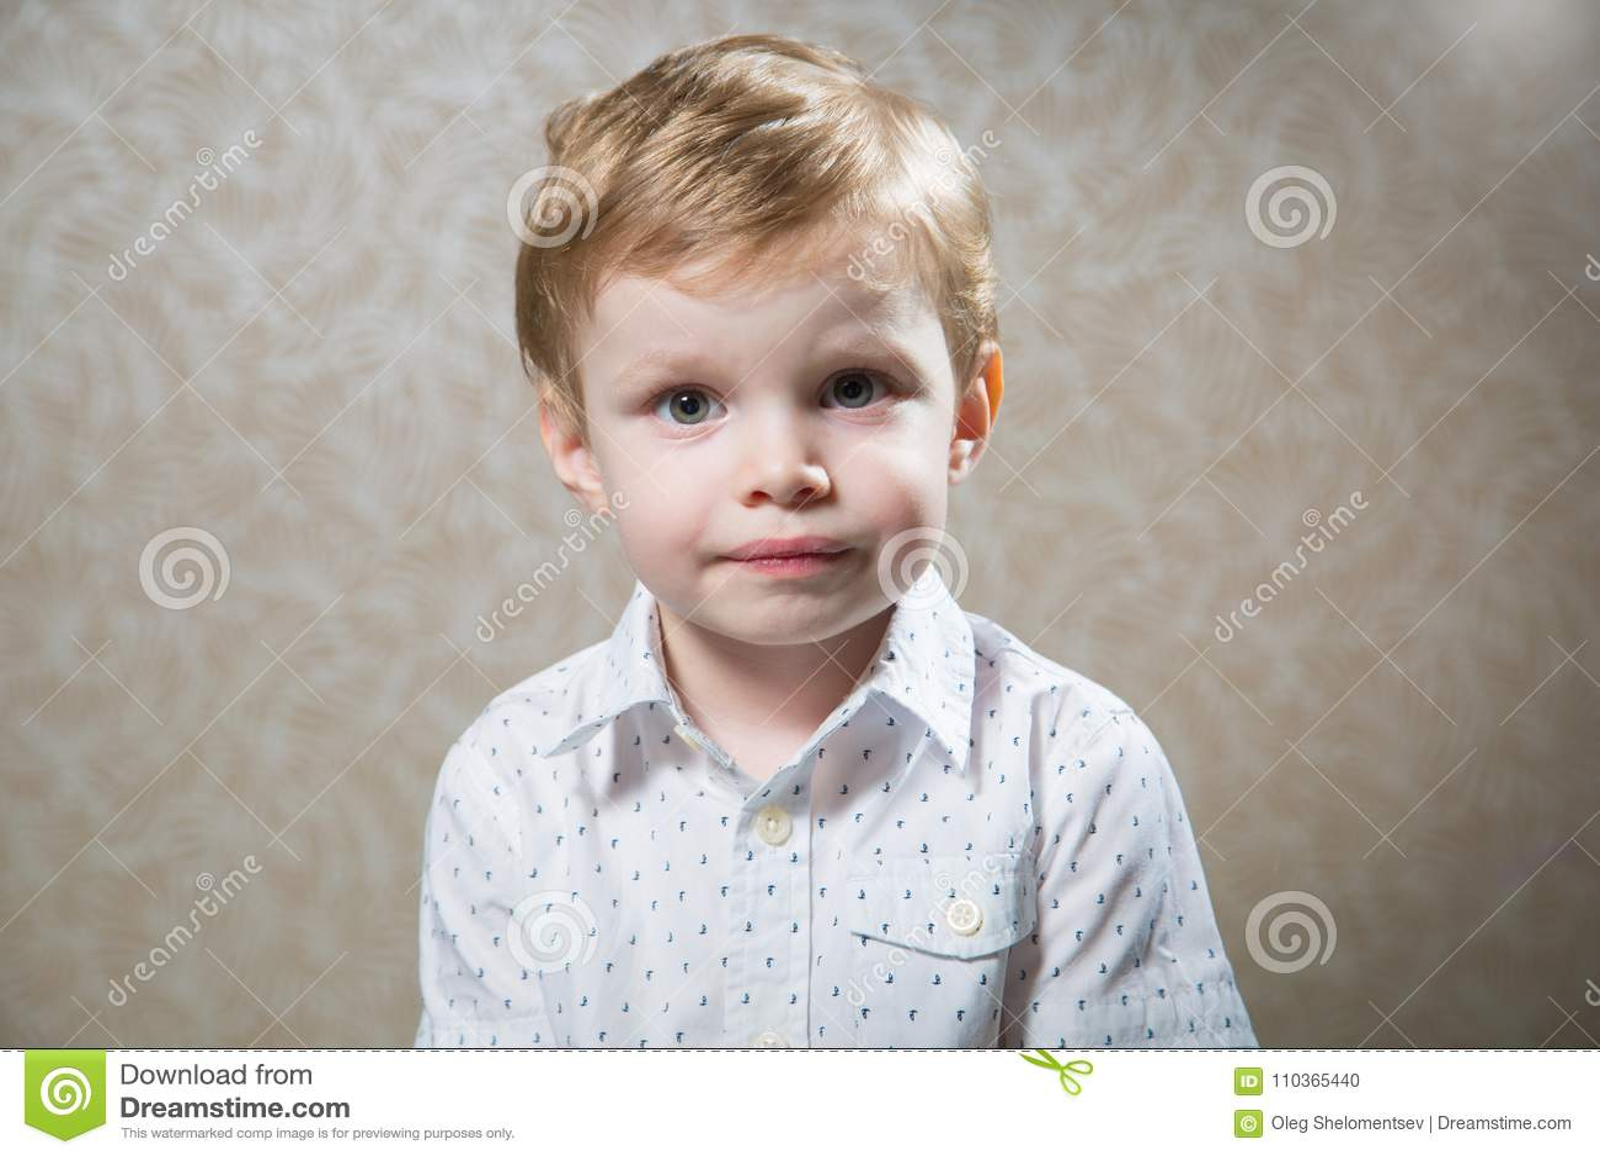 a941a60c8 El retrato del niño pequeño caucásico lindo weared la camisa blanca contra  la pared